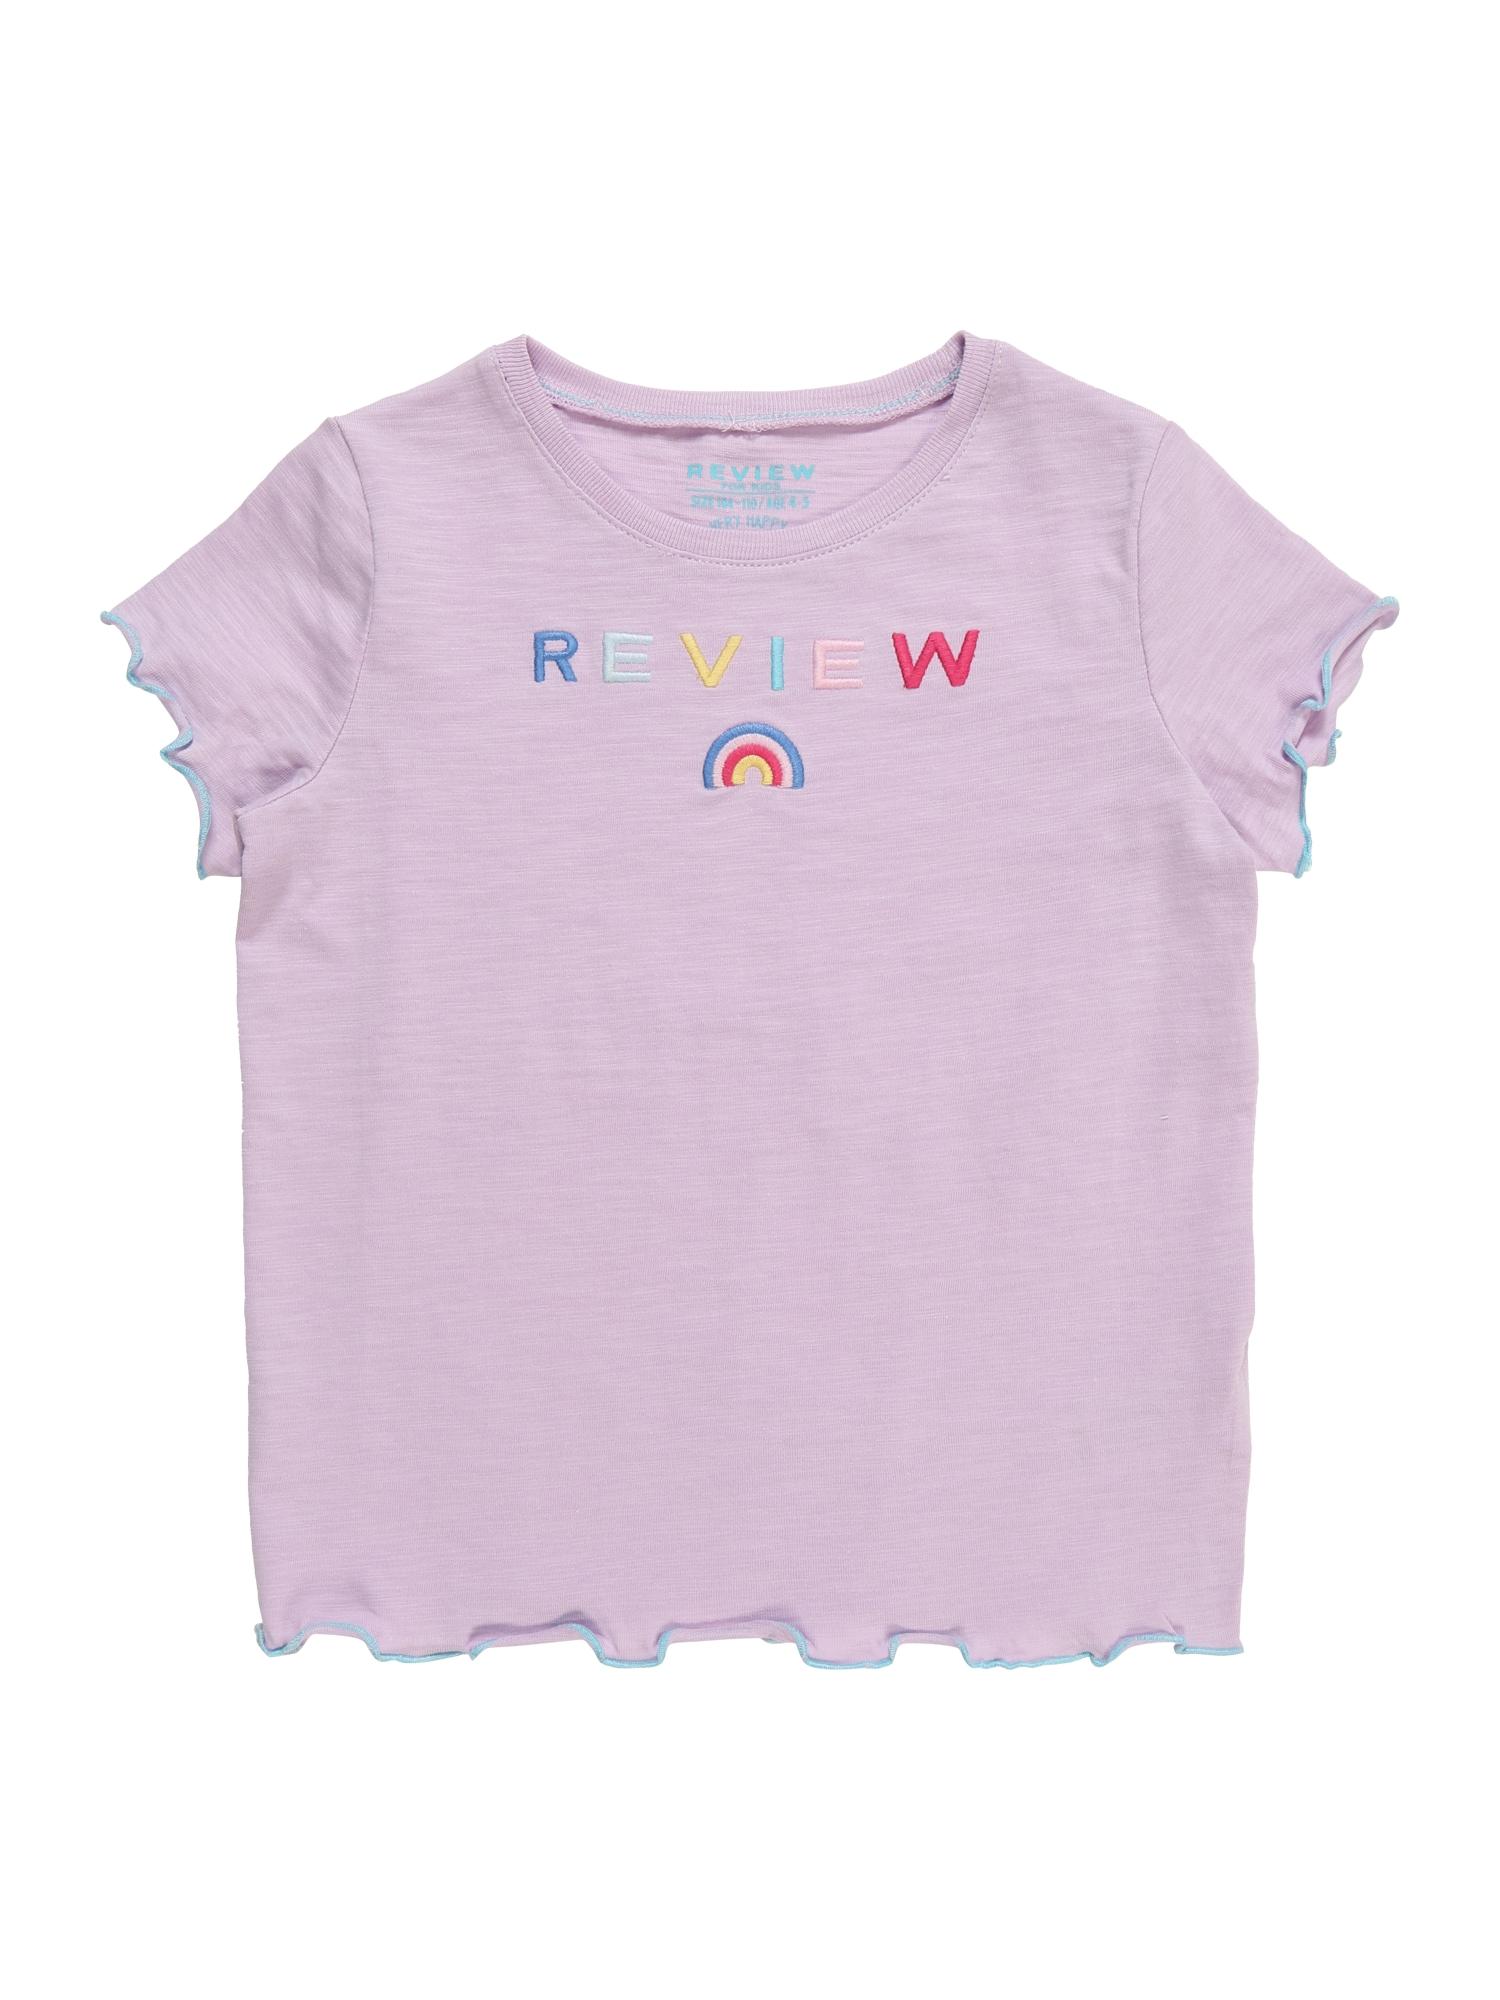 Tričko KG-19-T212 bledě fialová mix barev REVIEW FOR KIDS